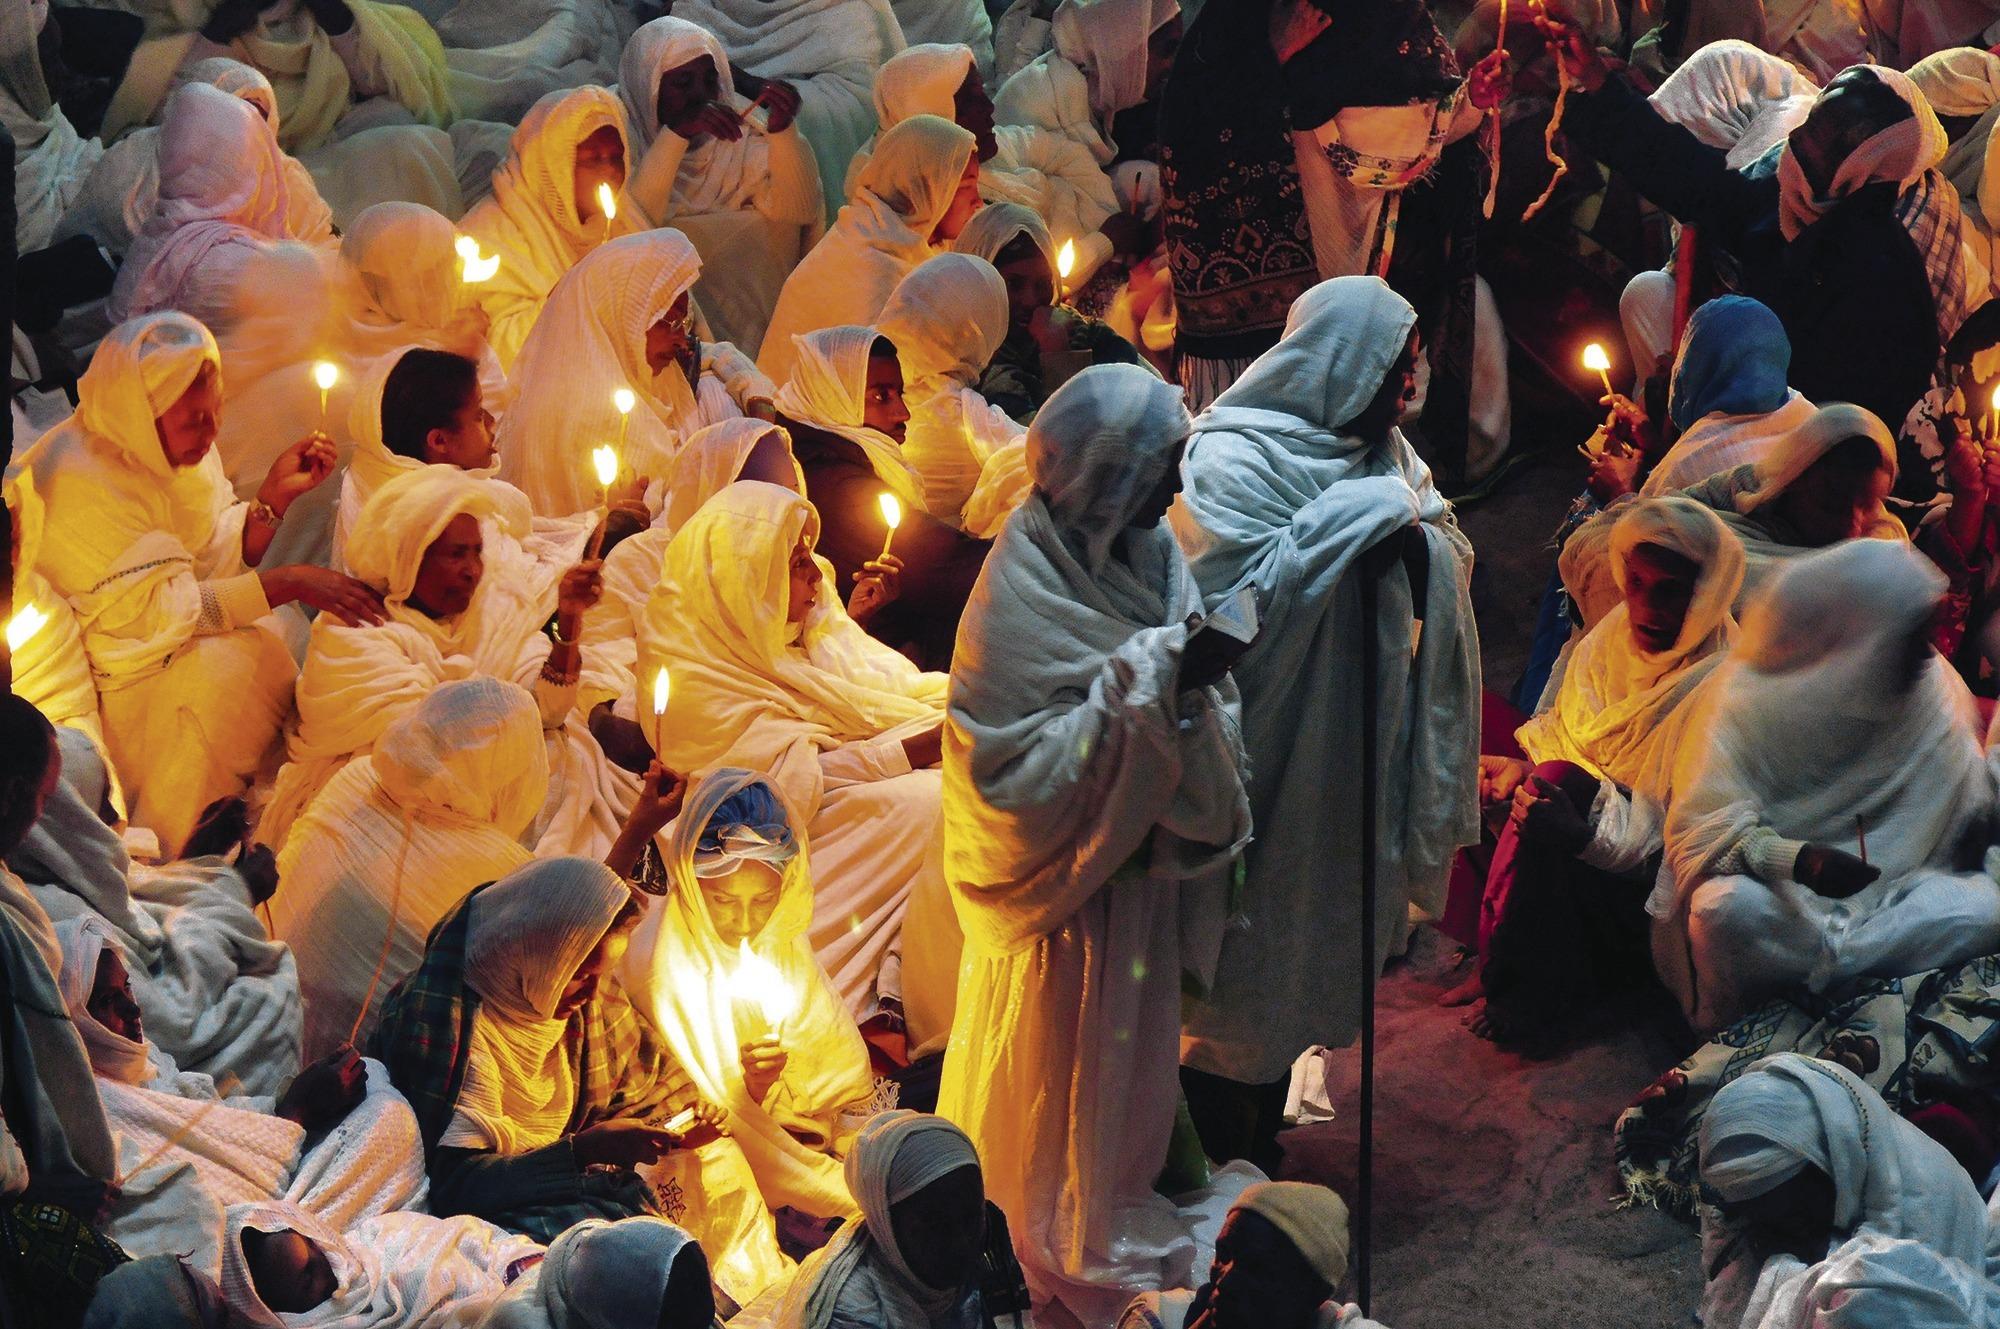 Weihnachten Am 6 Januar.äthiopien Wo Weihnachten Noch Ein Fest Des Glaubens Ist Reise